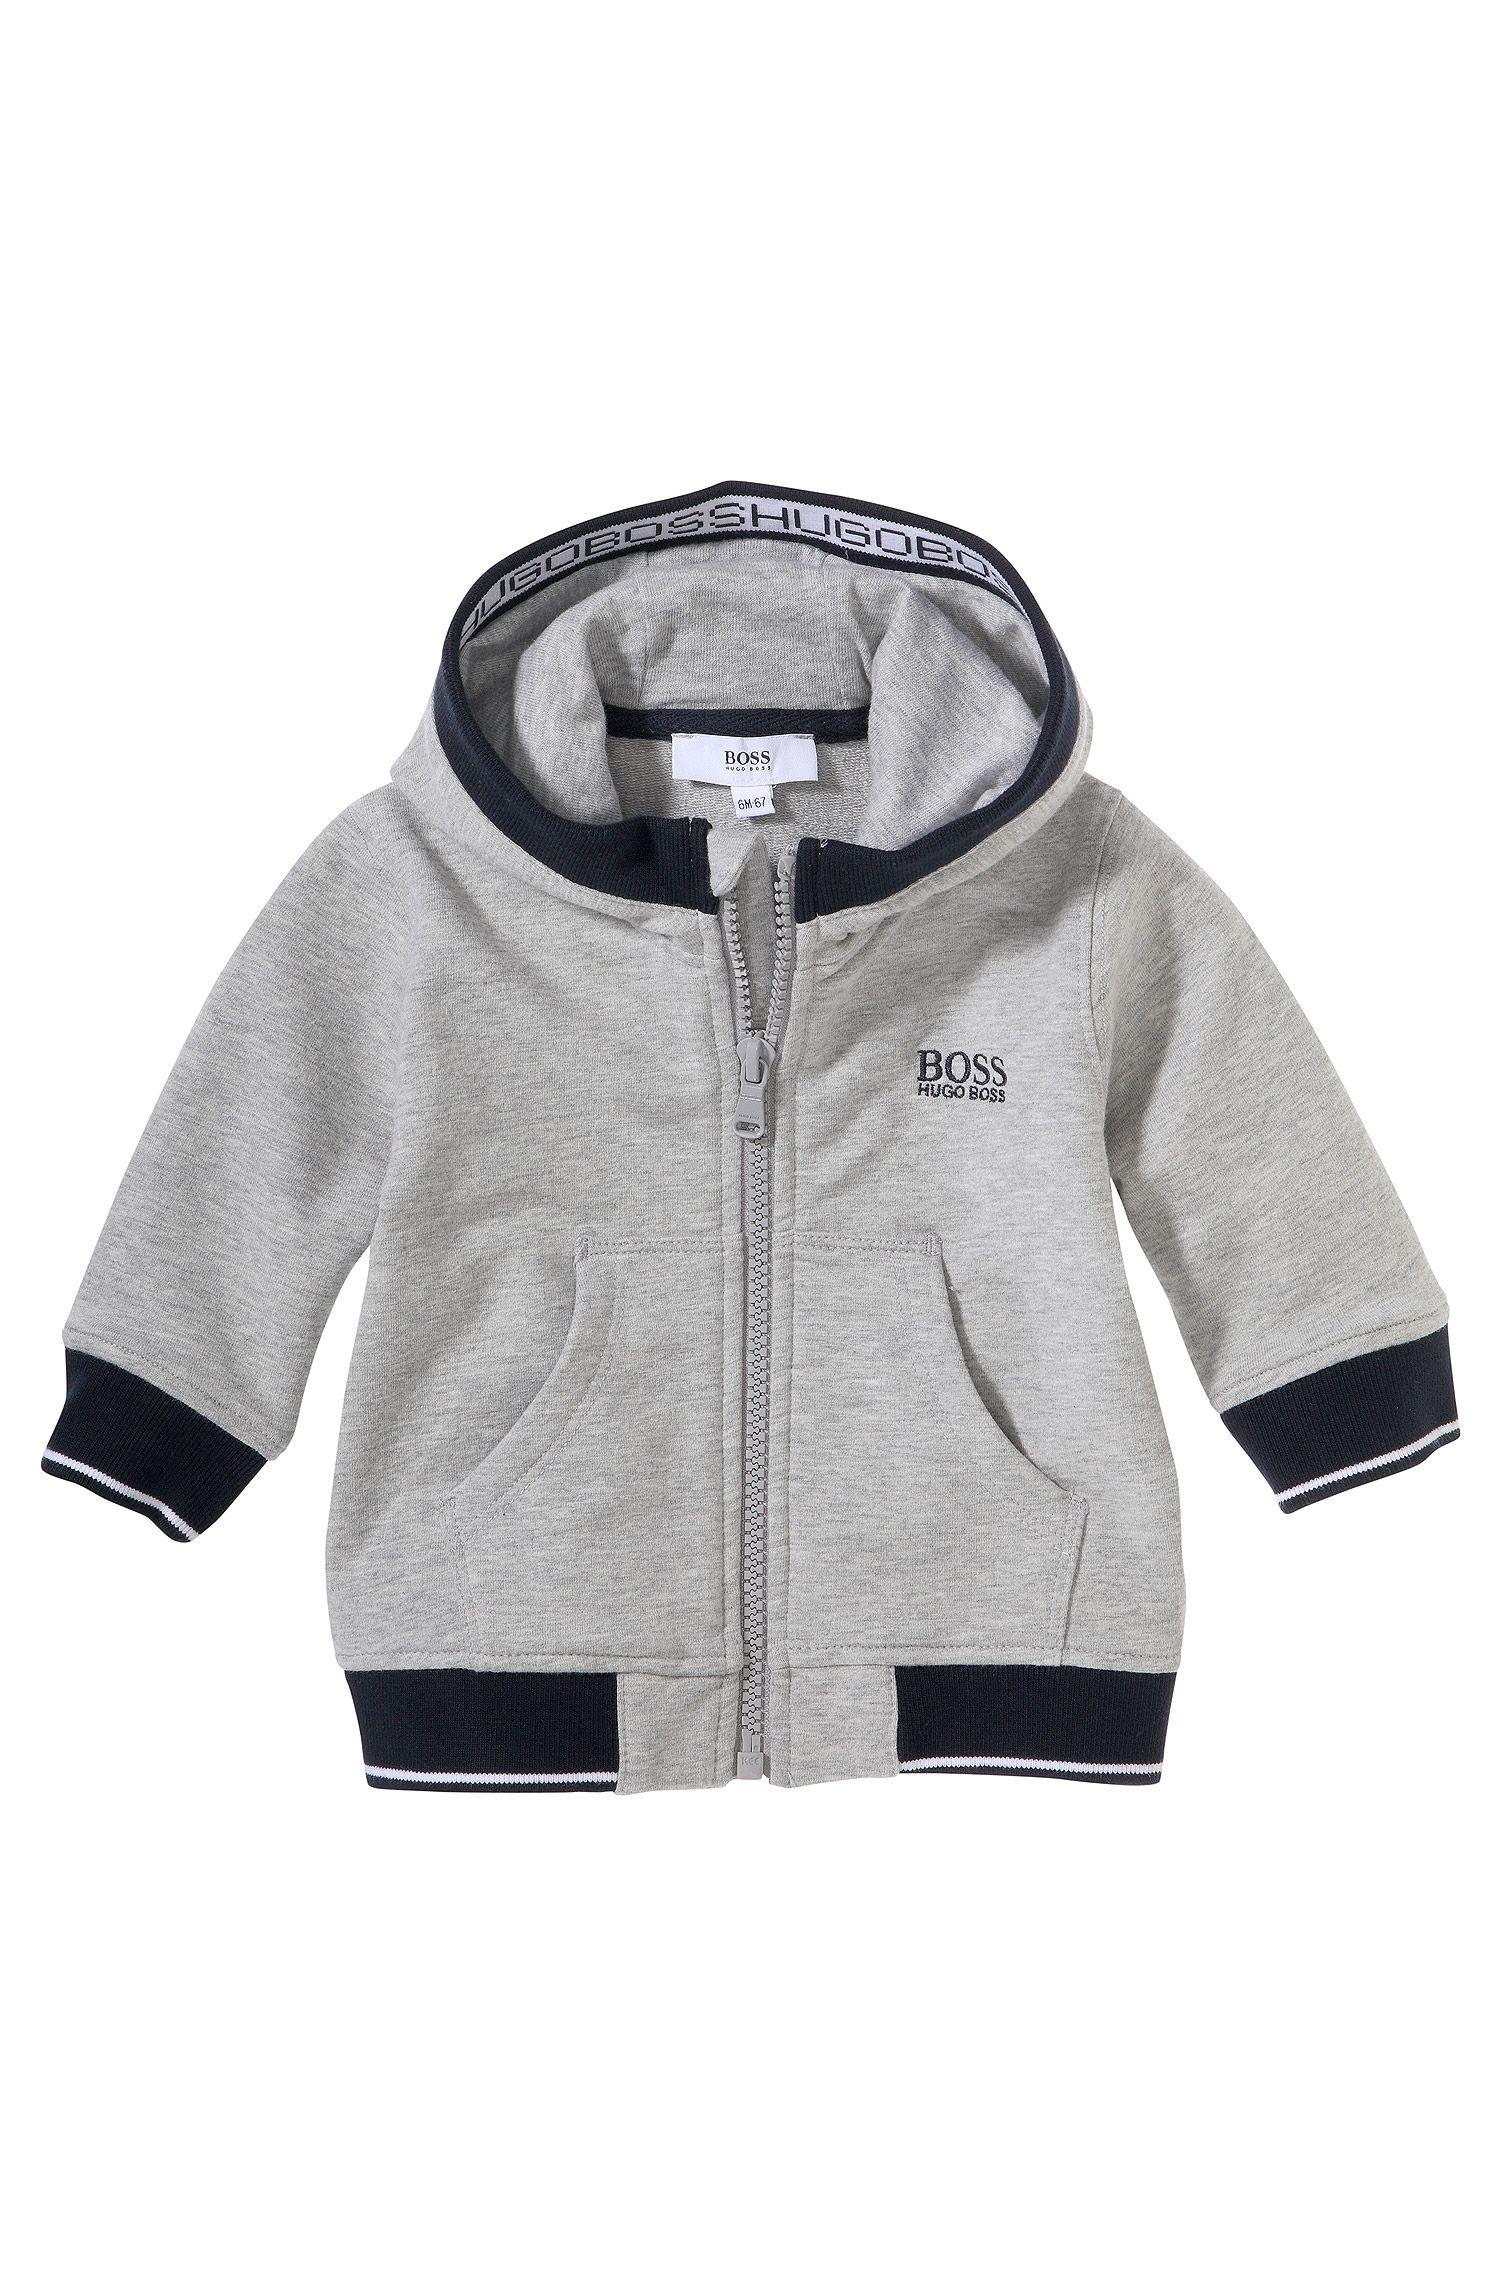 Sweatshirtjas met capuchon voor kinderen 'J05358' van een katoenmix